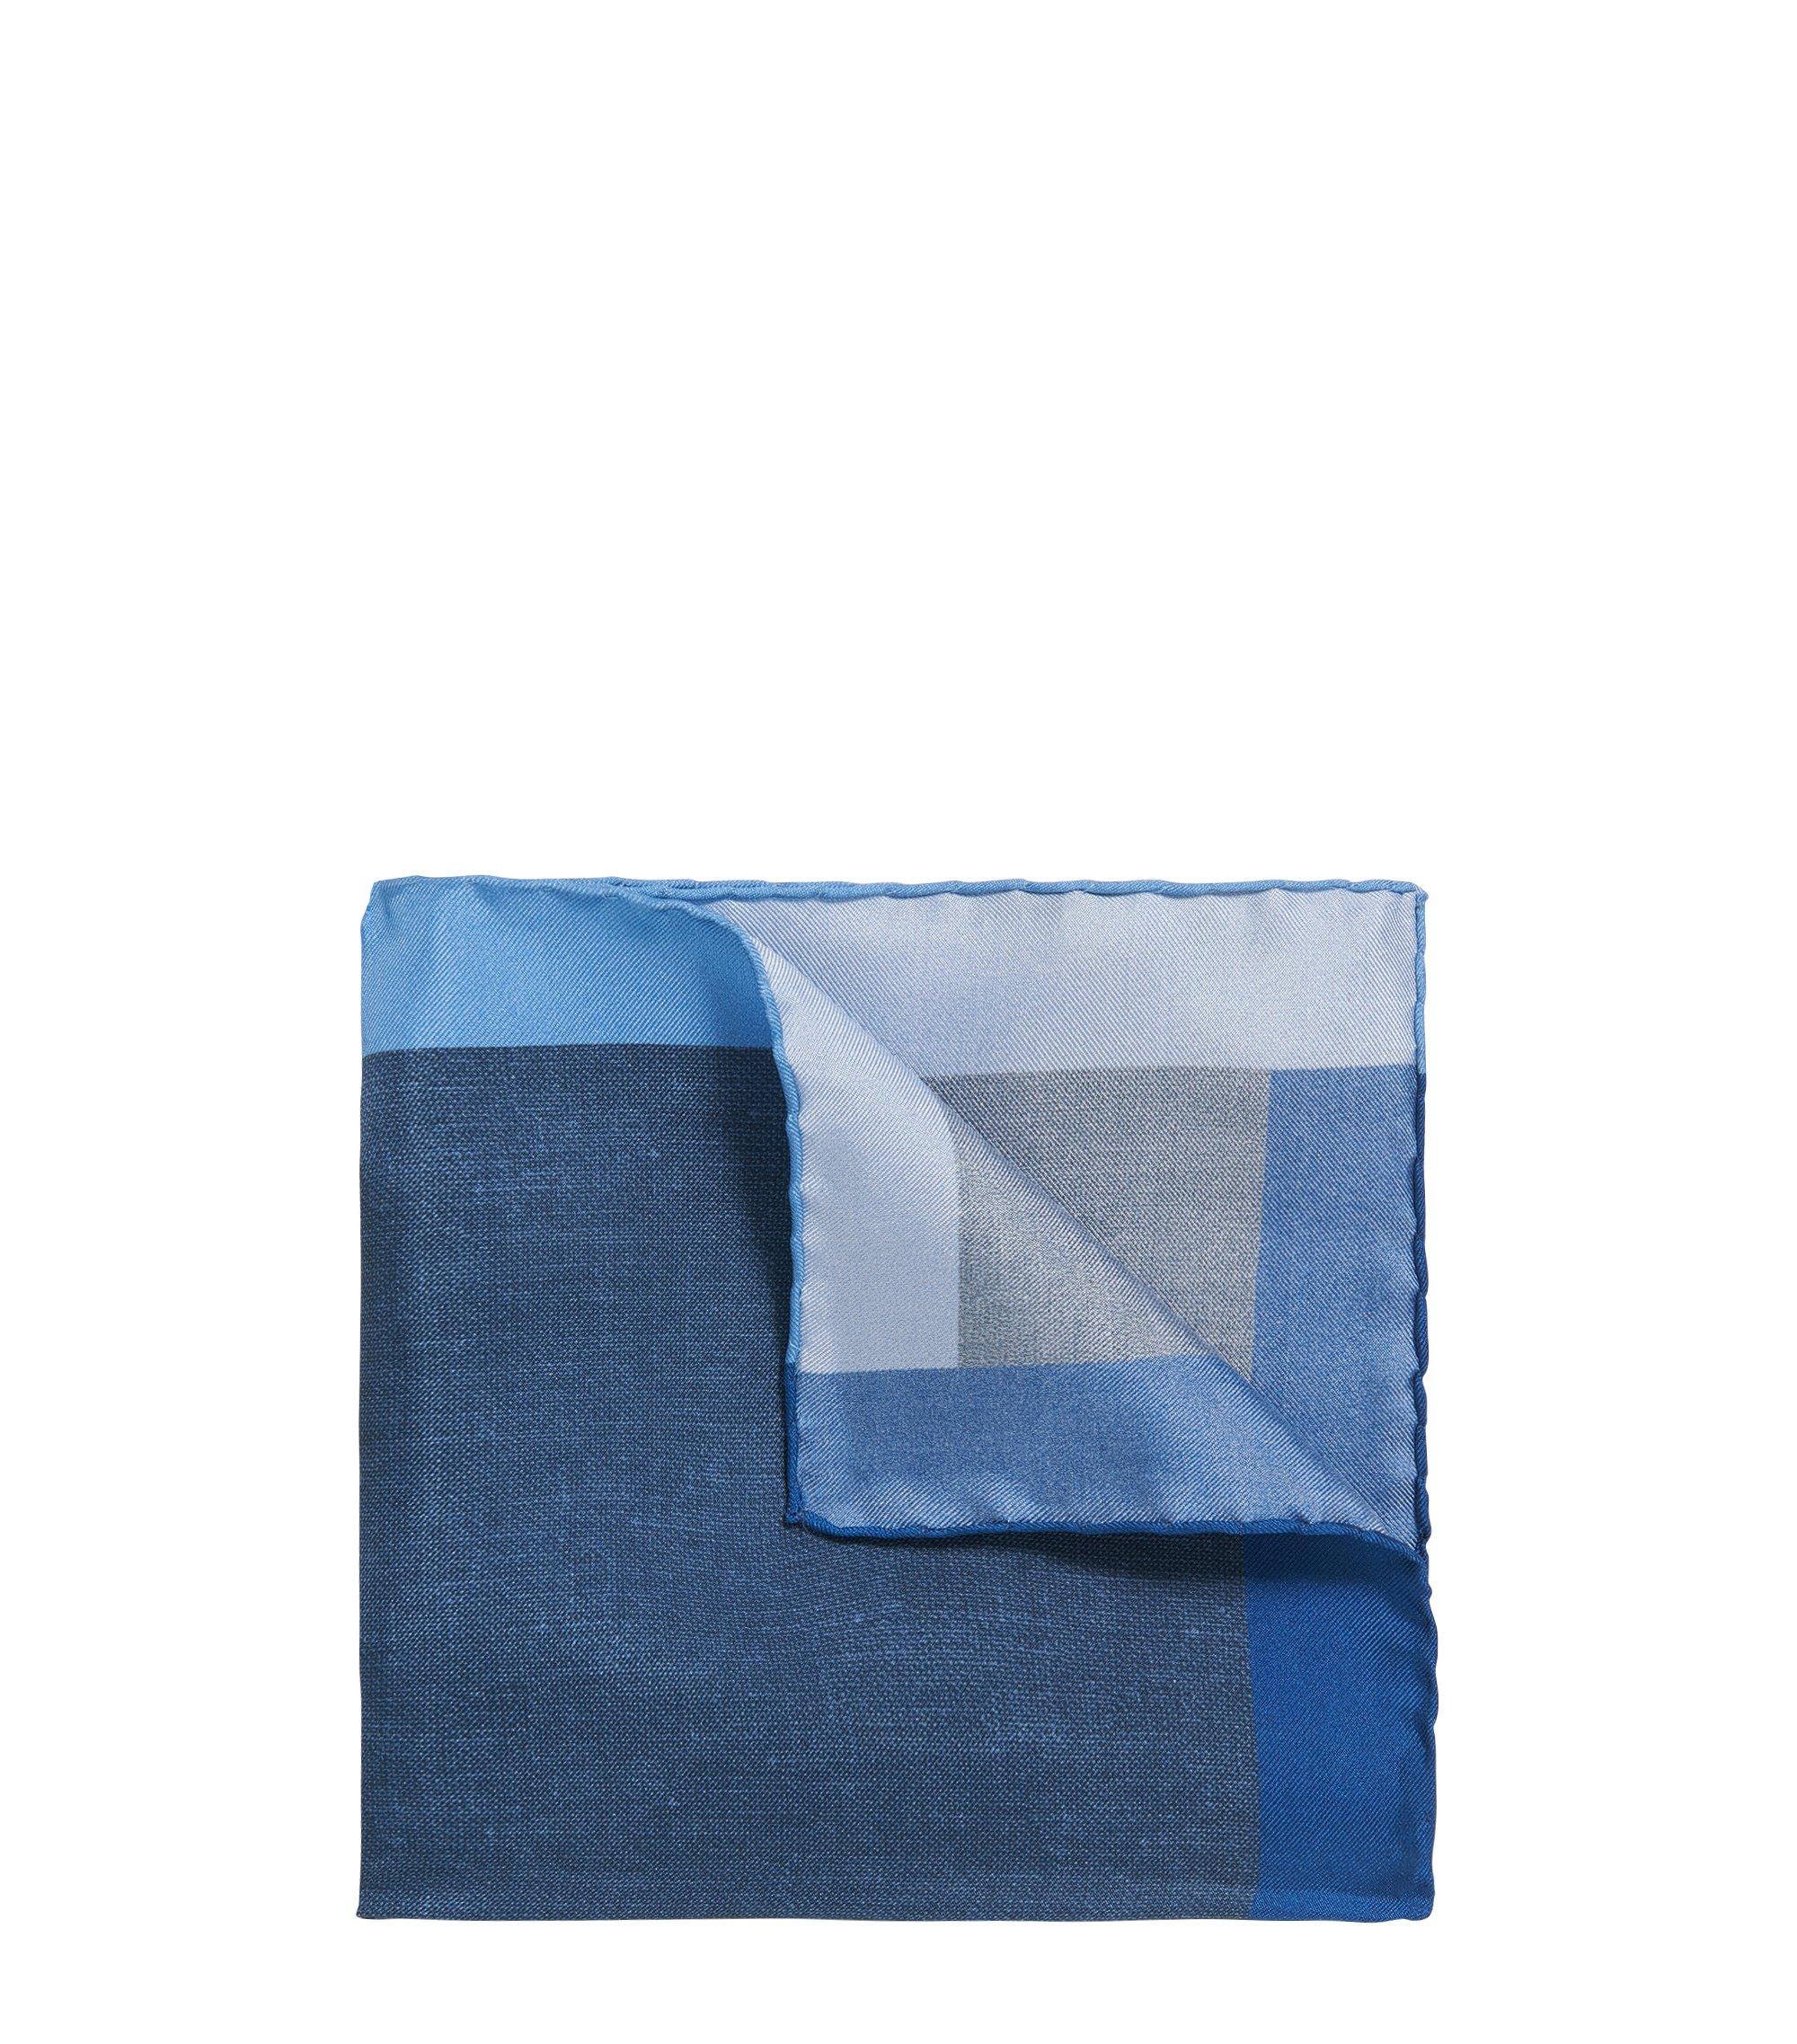 Pochette carrée imprimée en soie, Bleu foncé